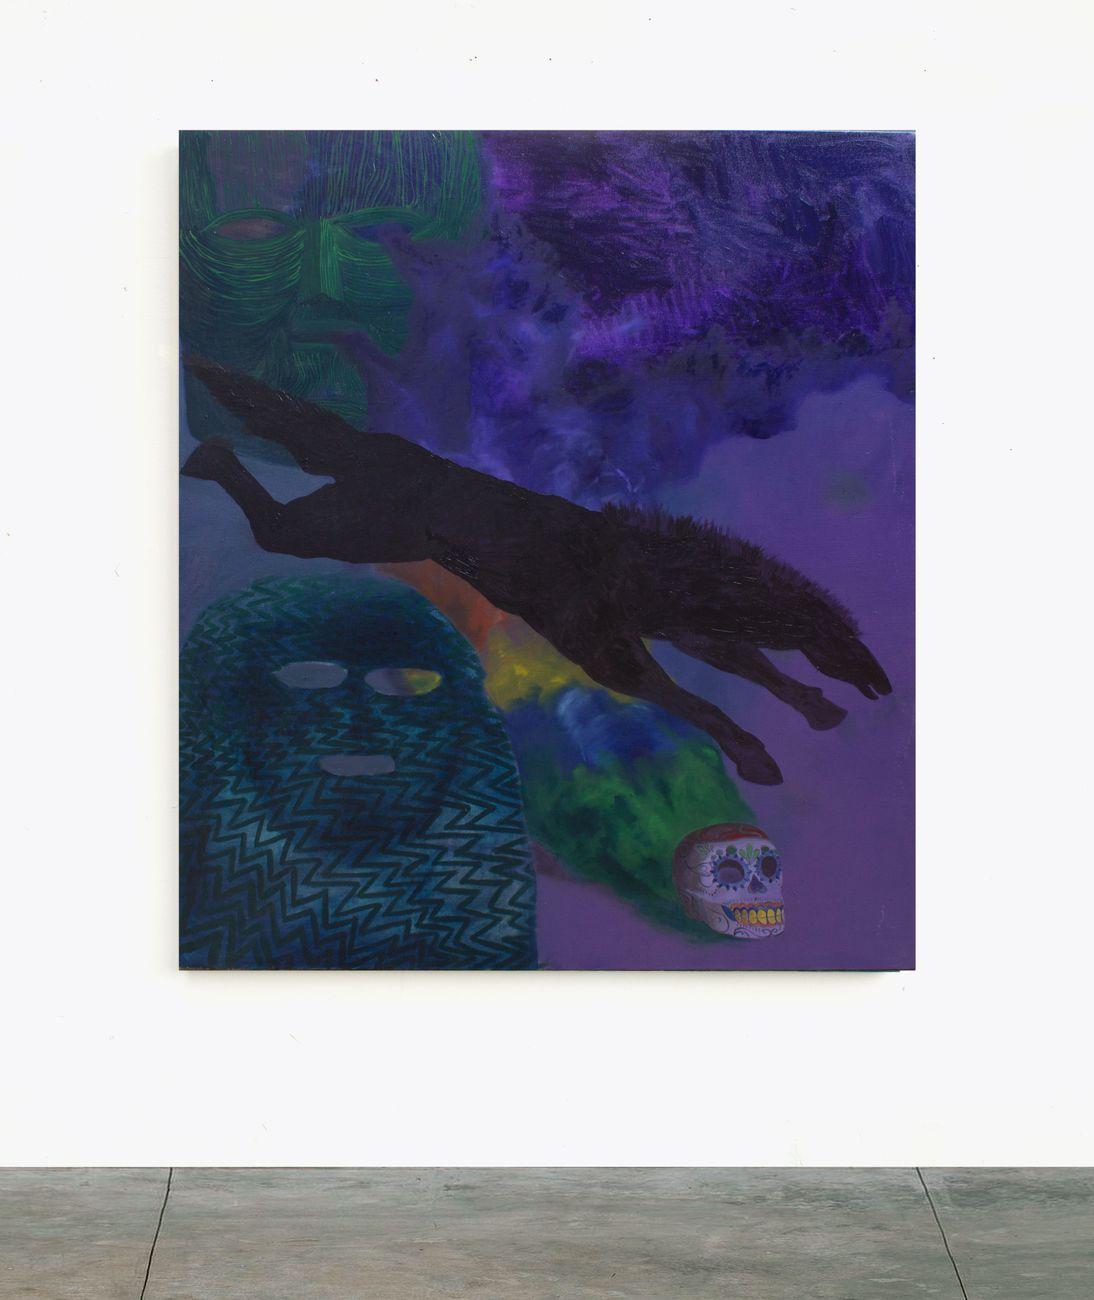 Alessandro Fogo, La Sacra Muerte, 2019, olio su lino, 130x155 cm